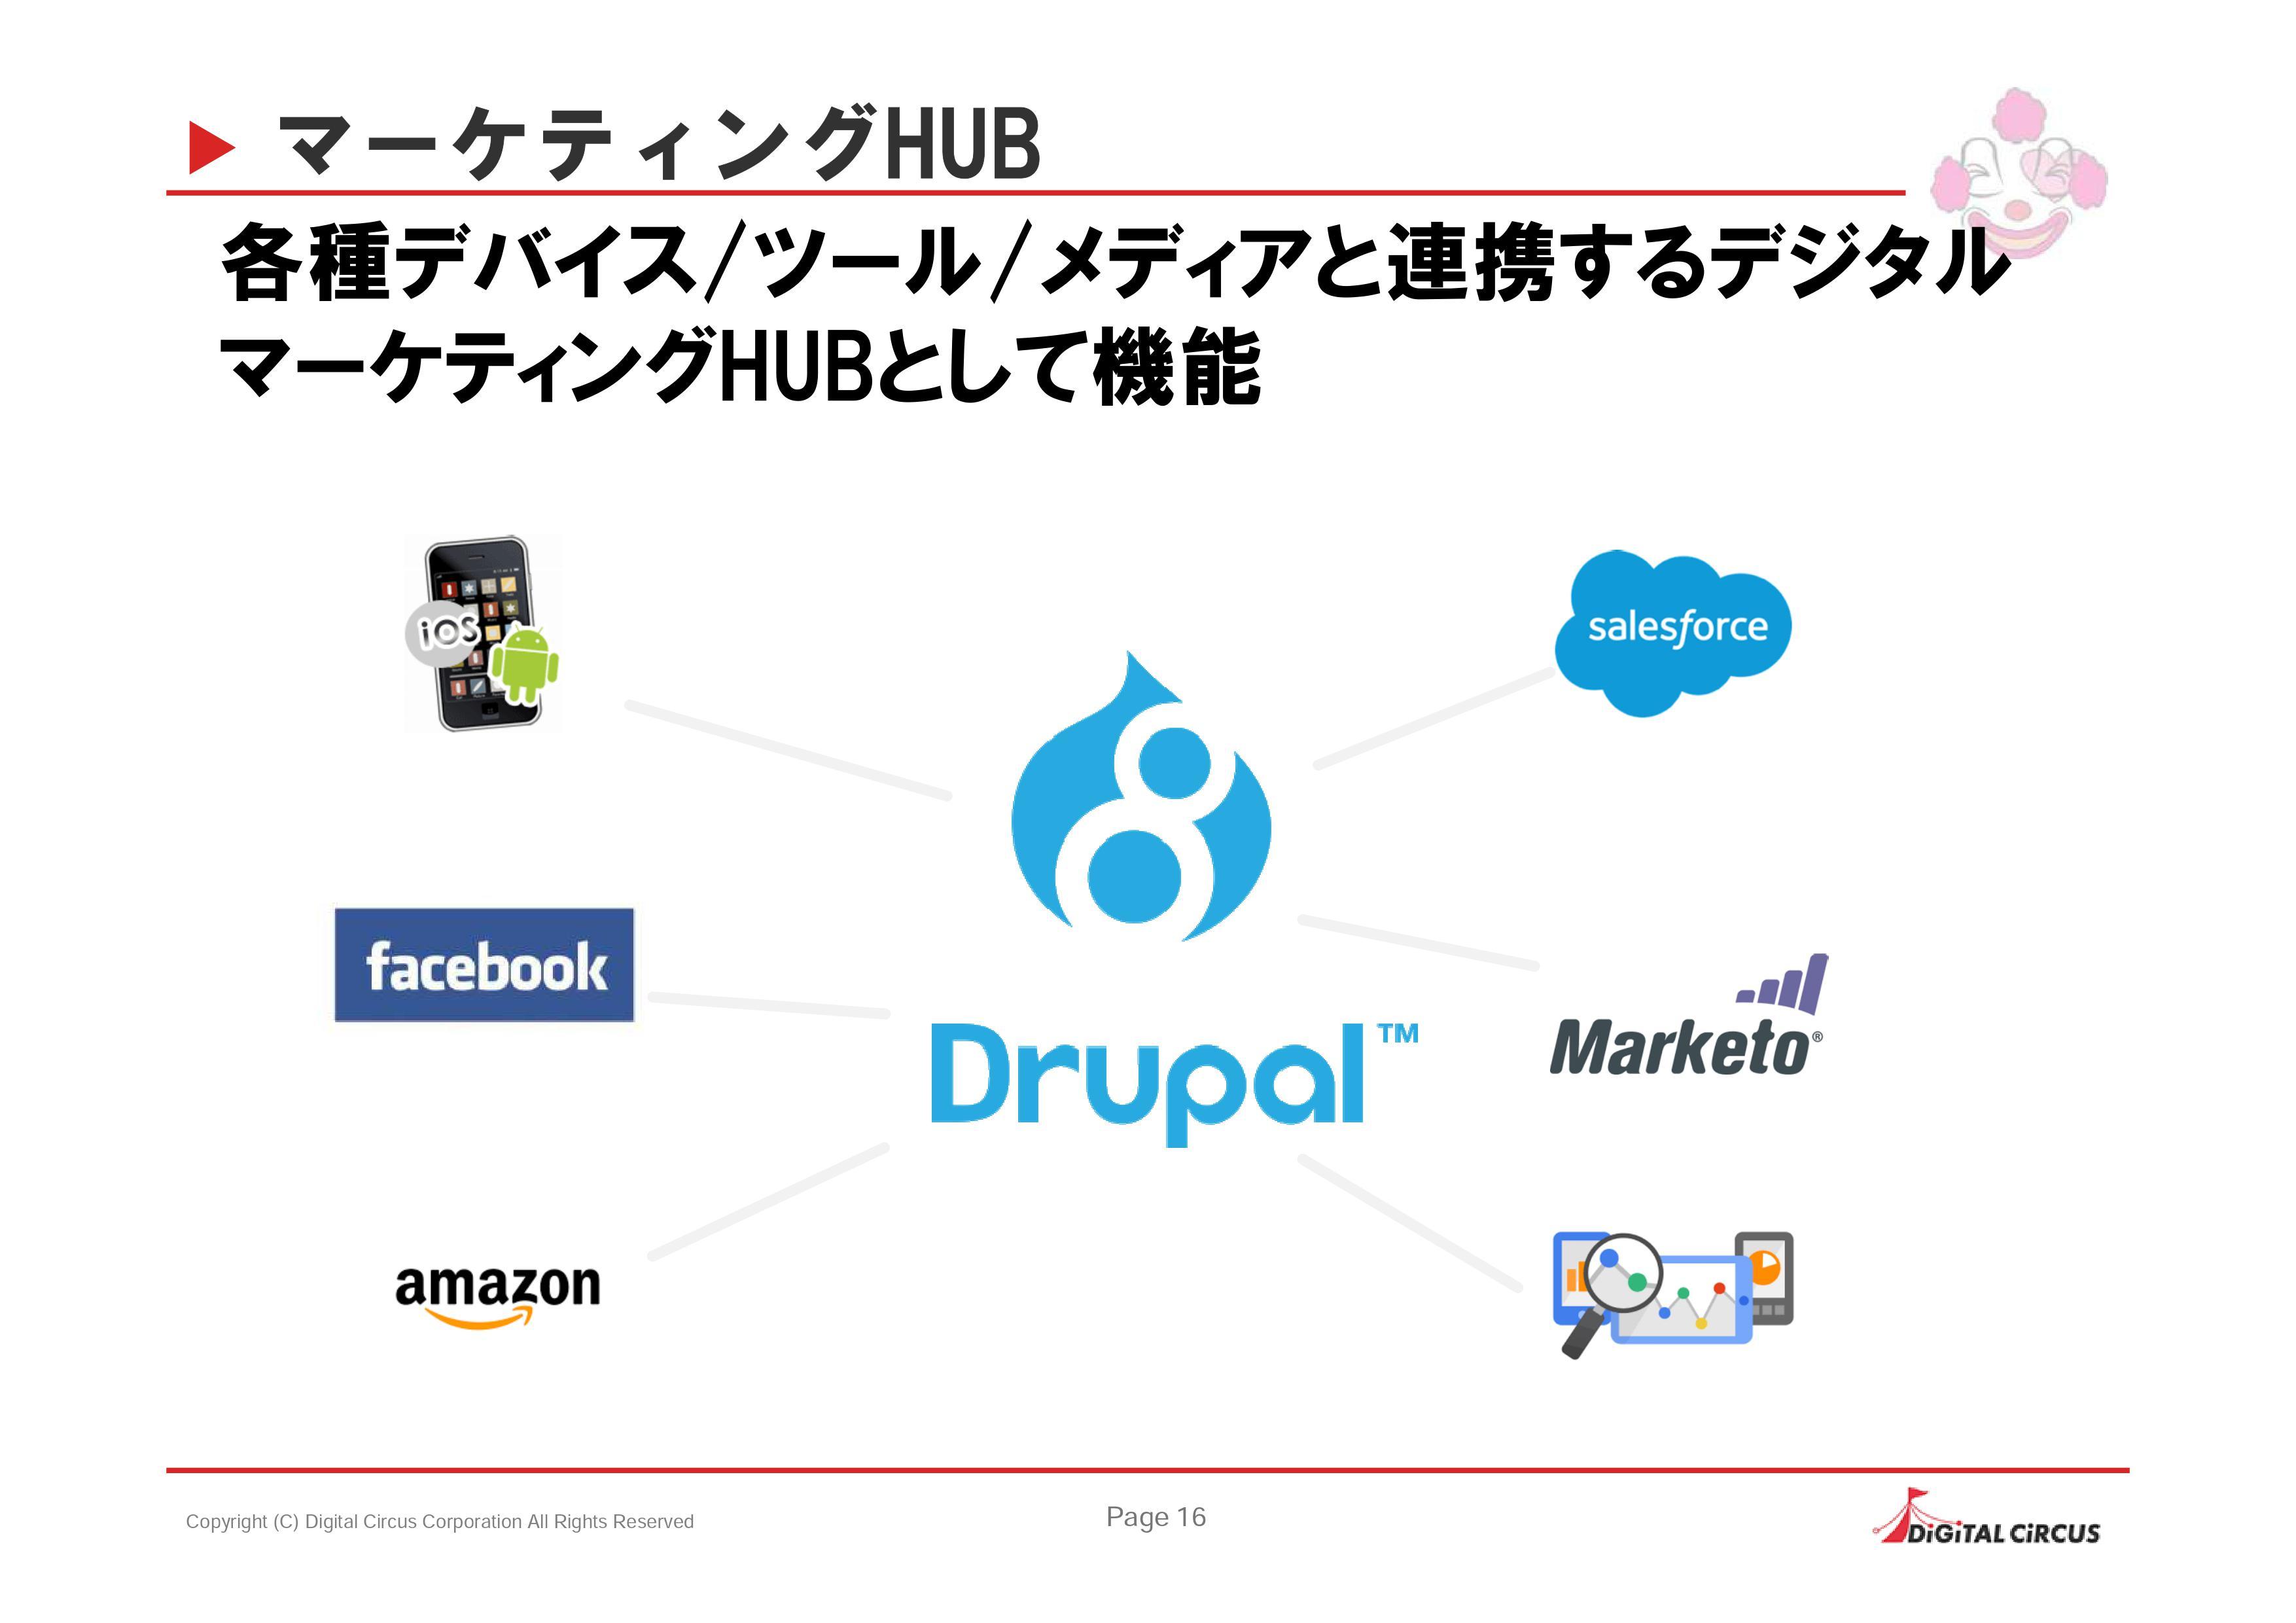 Drupalで実現する、カスタマー・エクスペリエンス/デジタル